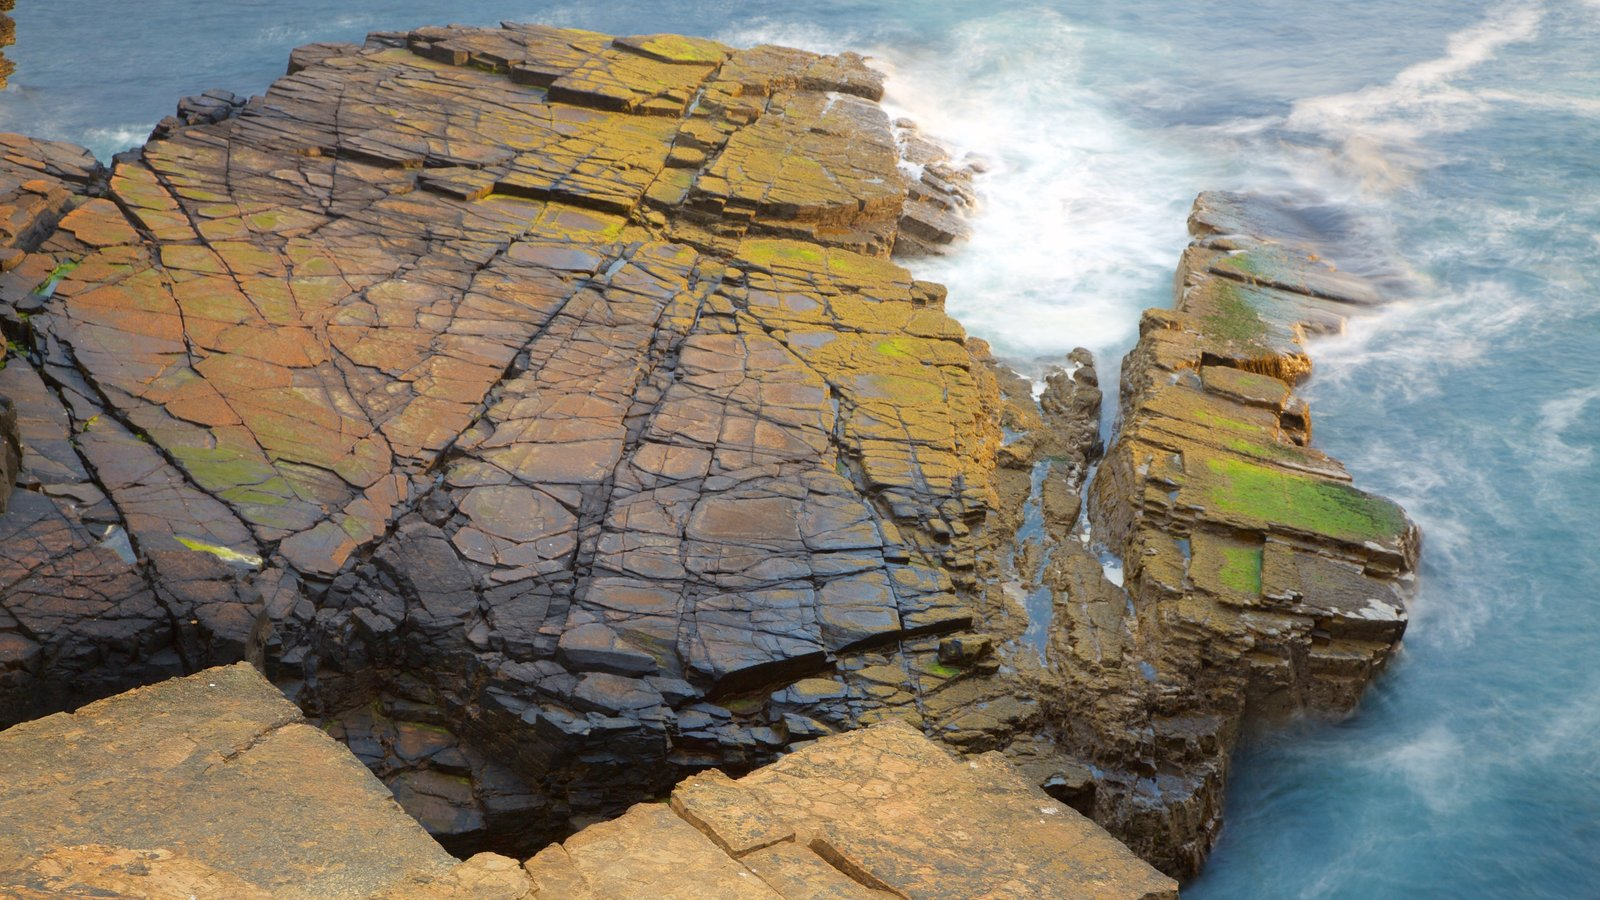 Stromness showing rocky coastline